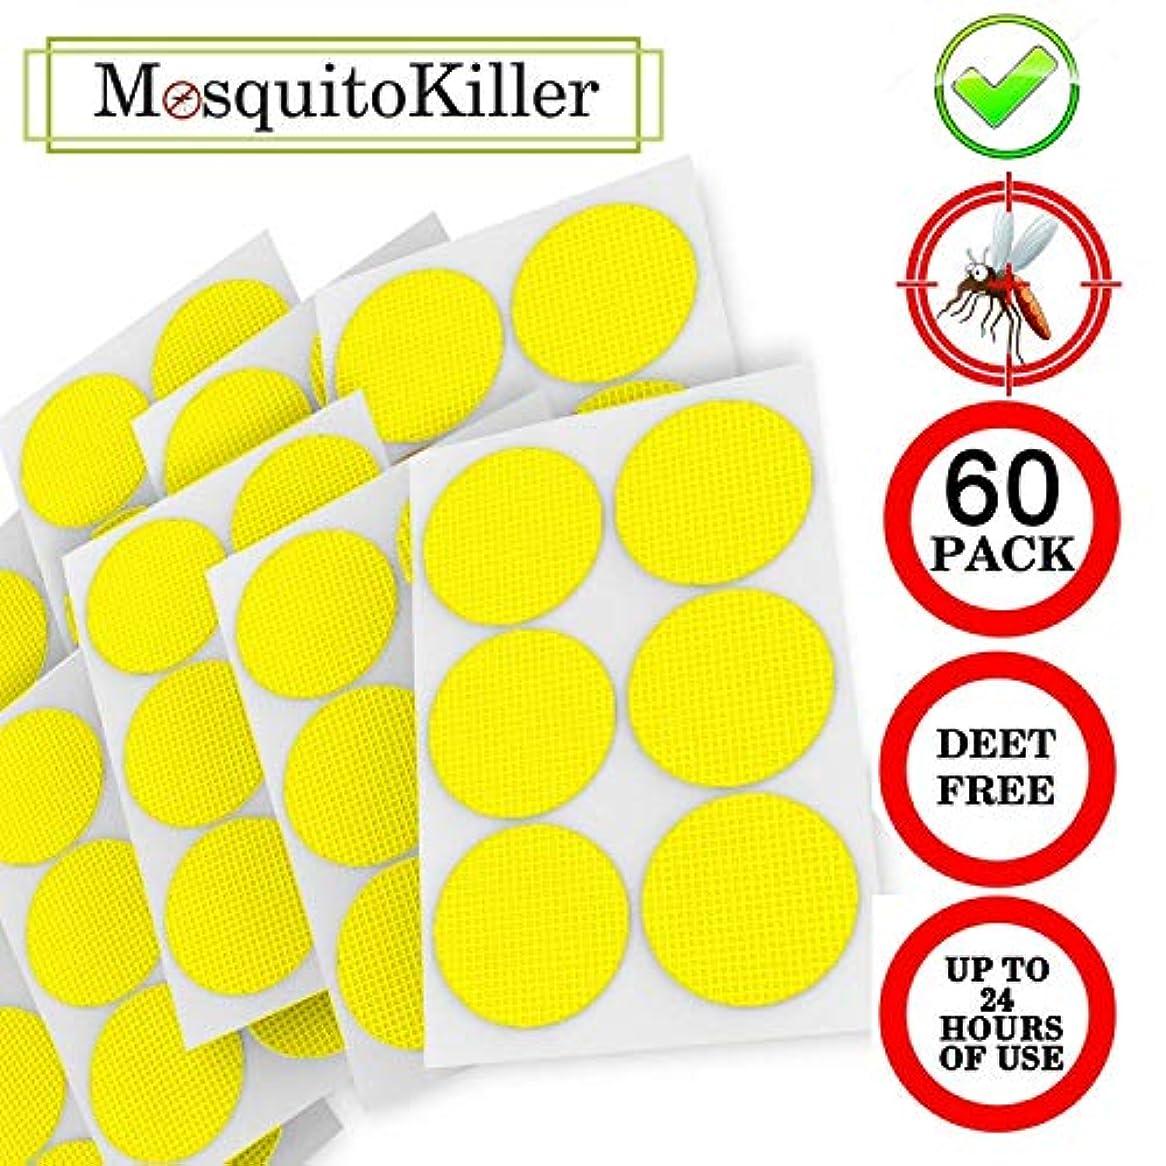 モスキートパッチ3センチメートル再封可能 60カウントパック 無毒 24時間保護 肌や衣服に適用する 大人 天然成分を持つ子供 黄色